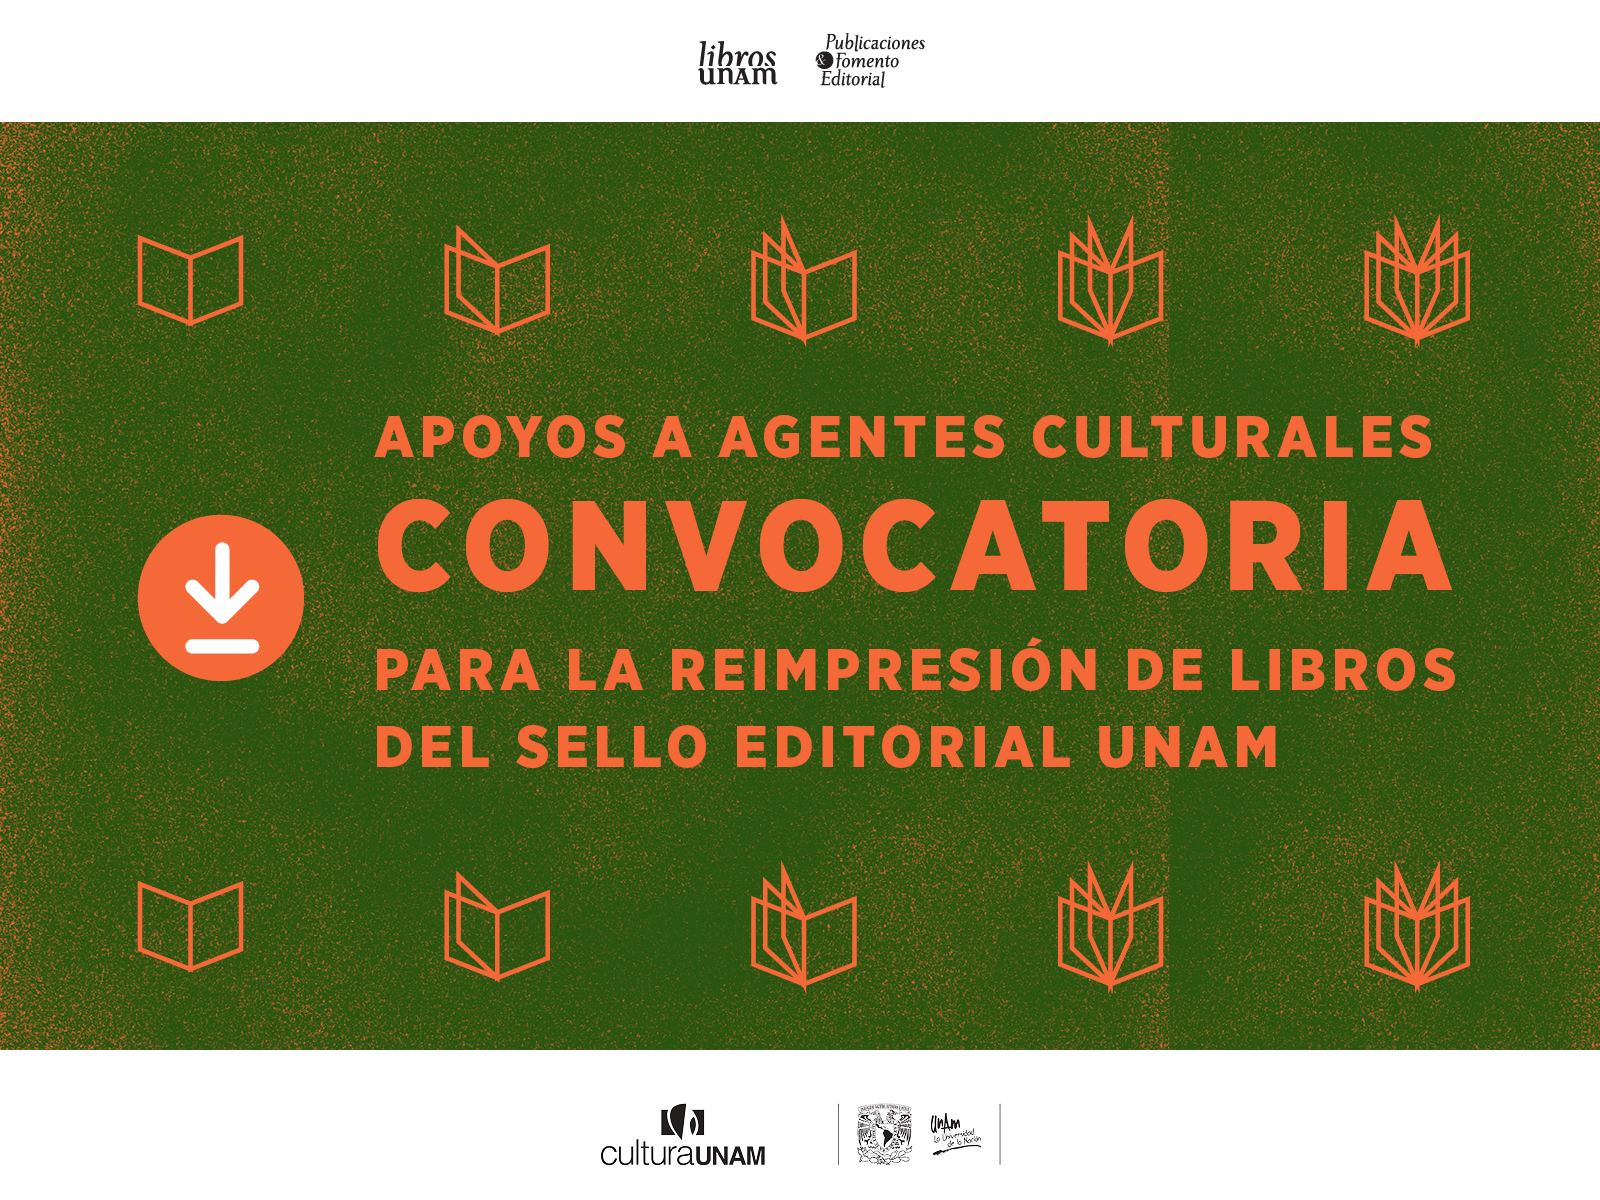 Convocatoria reimpresión de libros del sello editorial UNAM - Libros UNAM